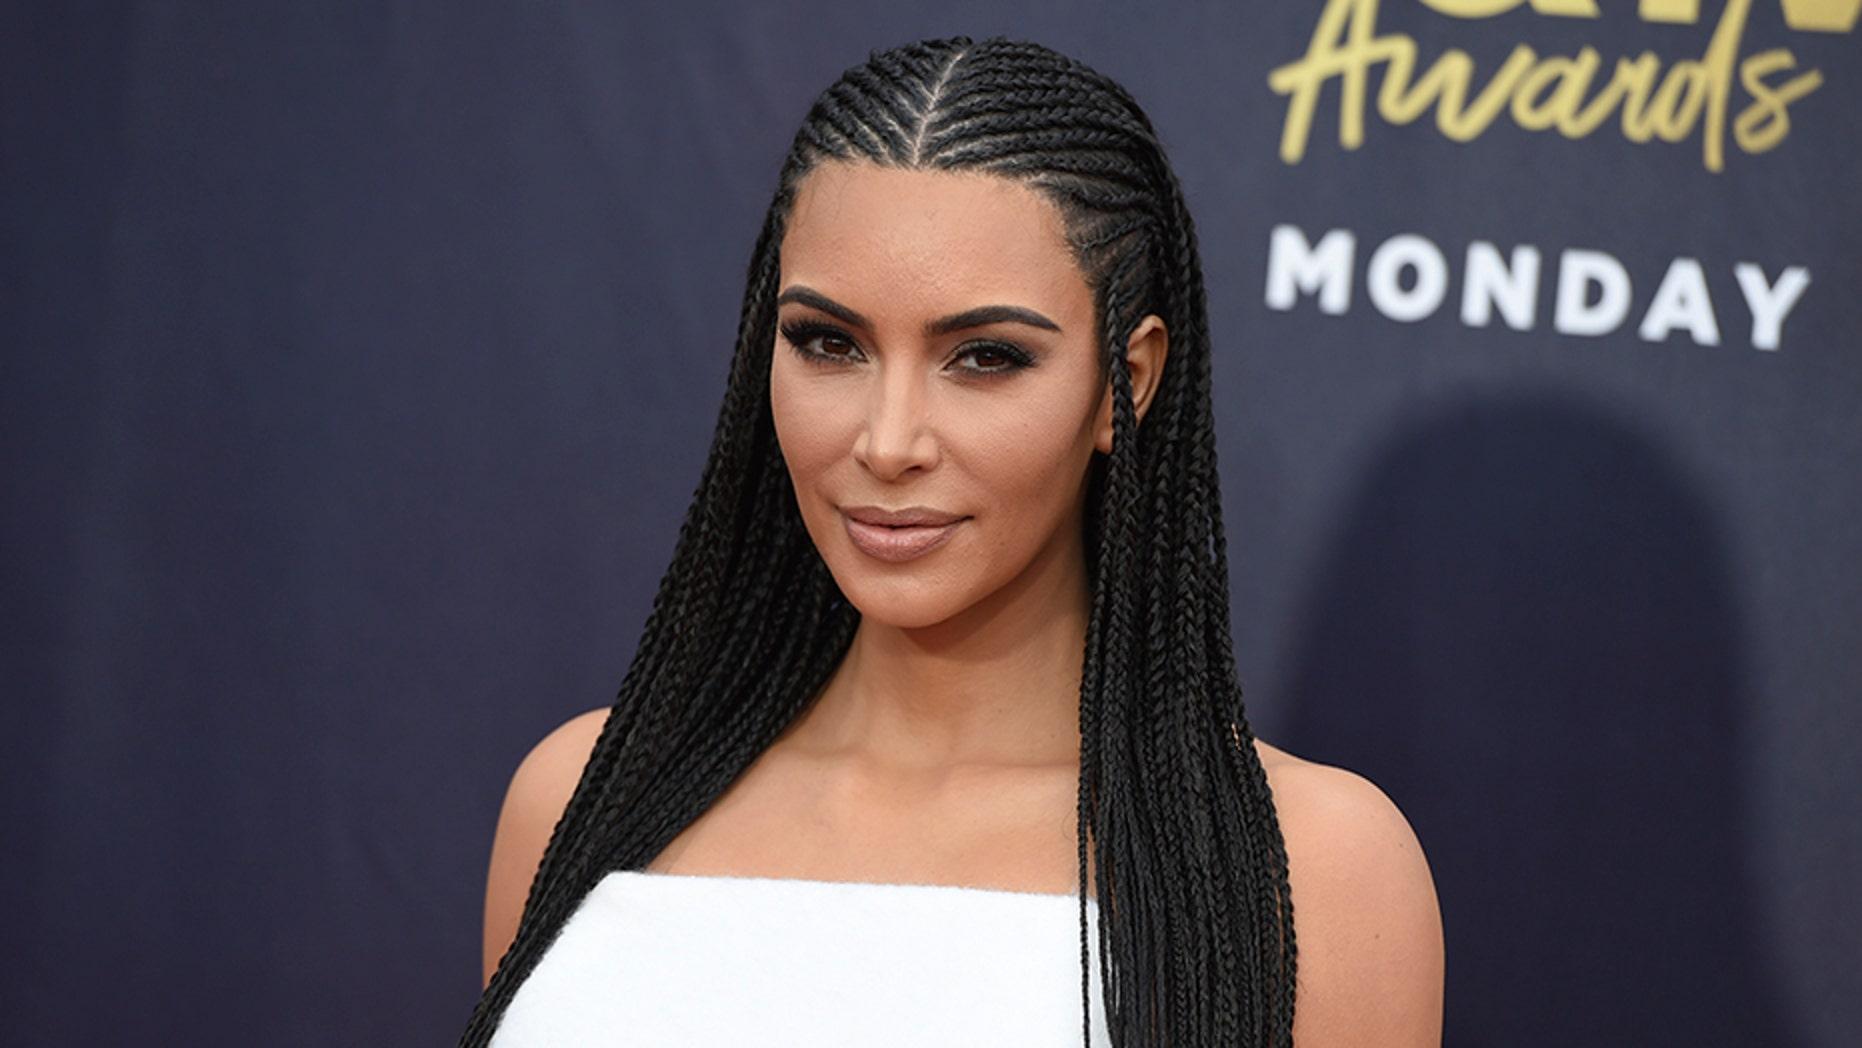 Kim Kardashian S Braids Called Out As Cultural